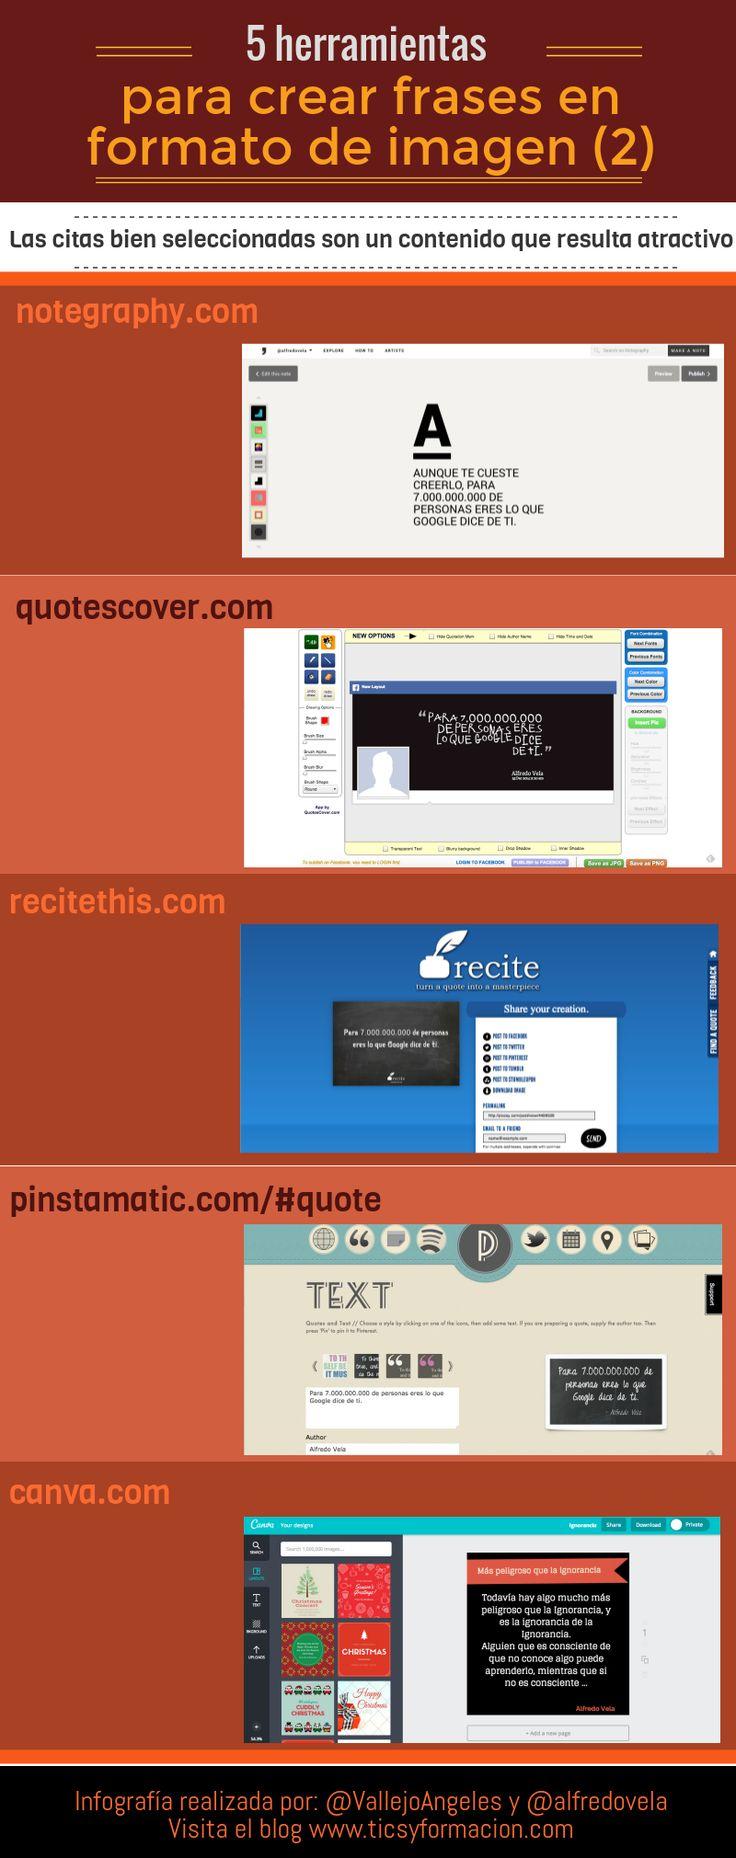 5 herramientas online para crear frases en formato de imagen. Infografía realizada con Piktochart.